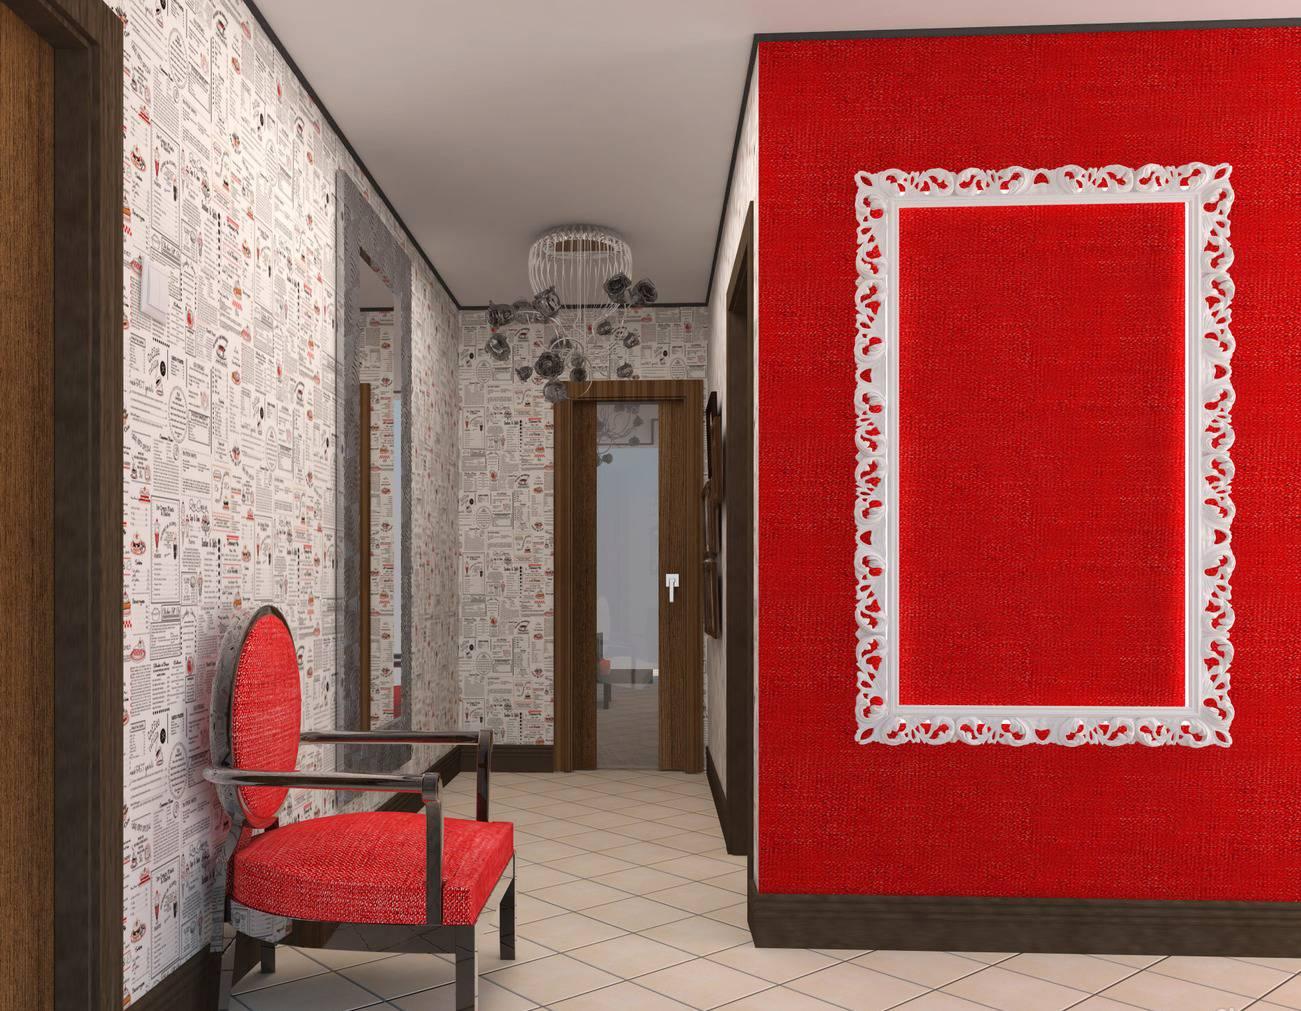 Обои для коридора, расширяющие пространство фото (51 фото): идеи для узкого длинного коридора в квартире или прихожей